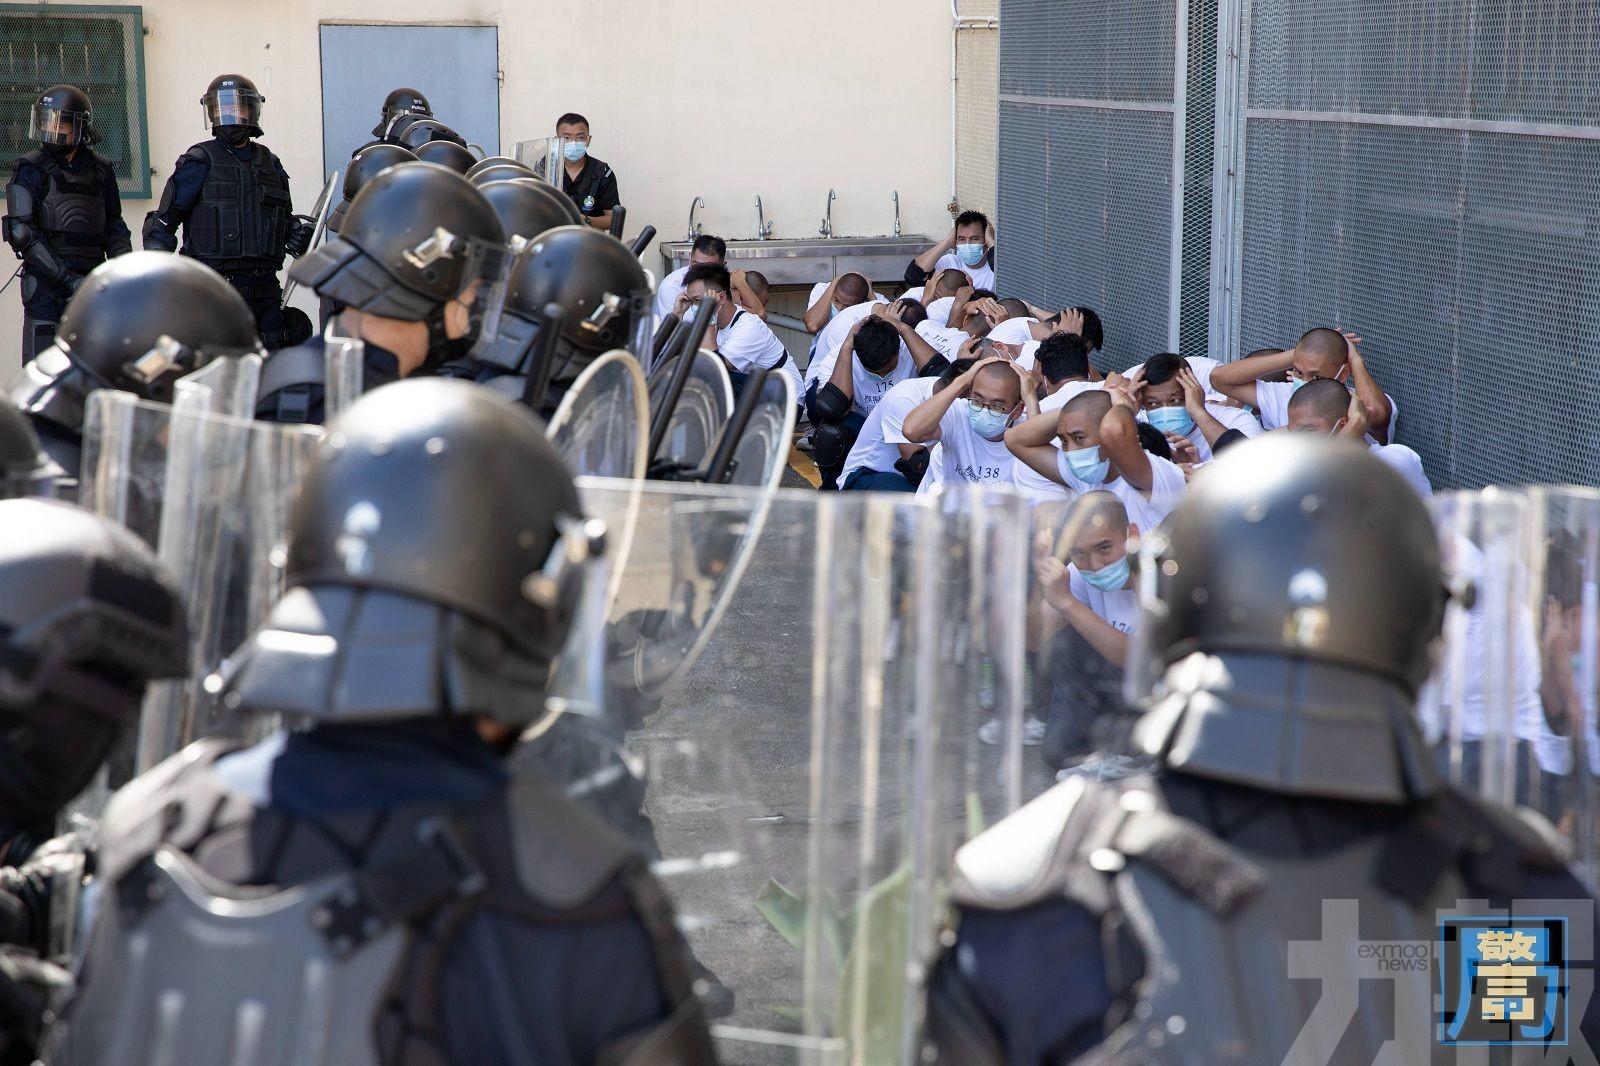 模擬監獄暴動 有炸彈威脅